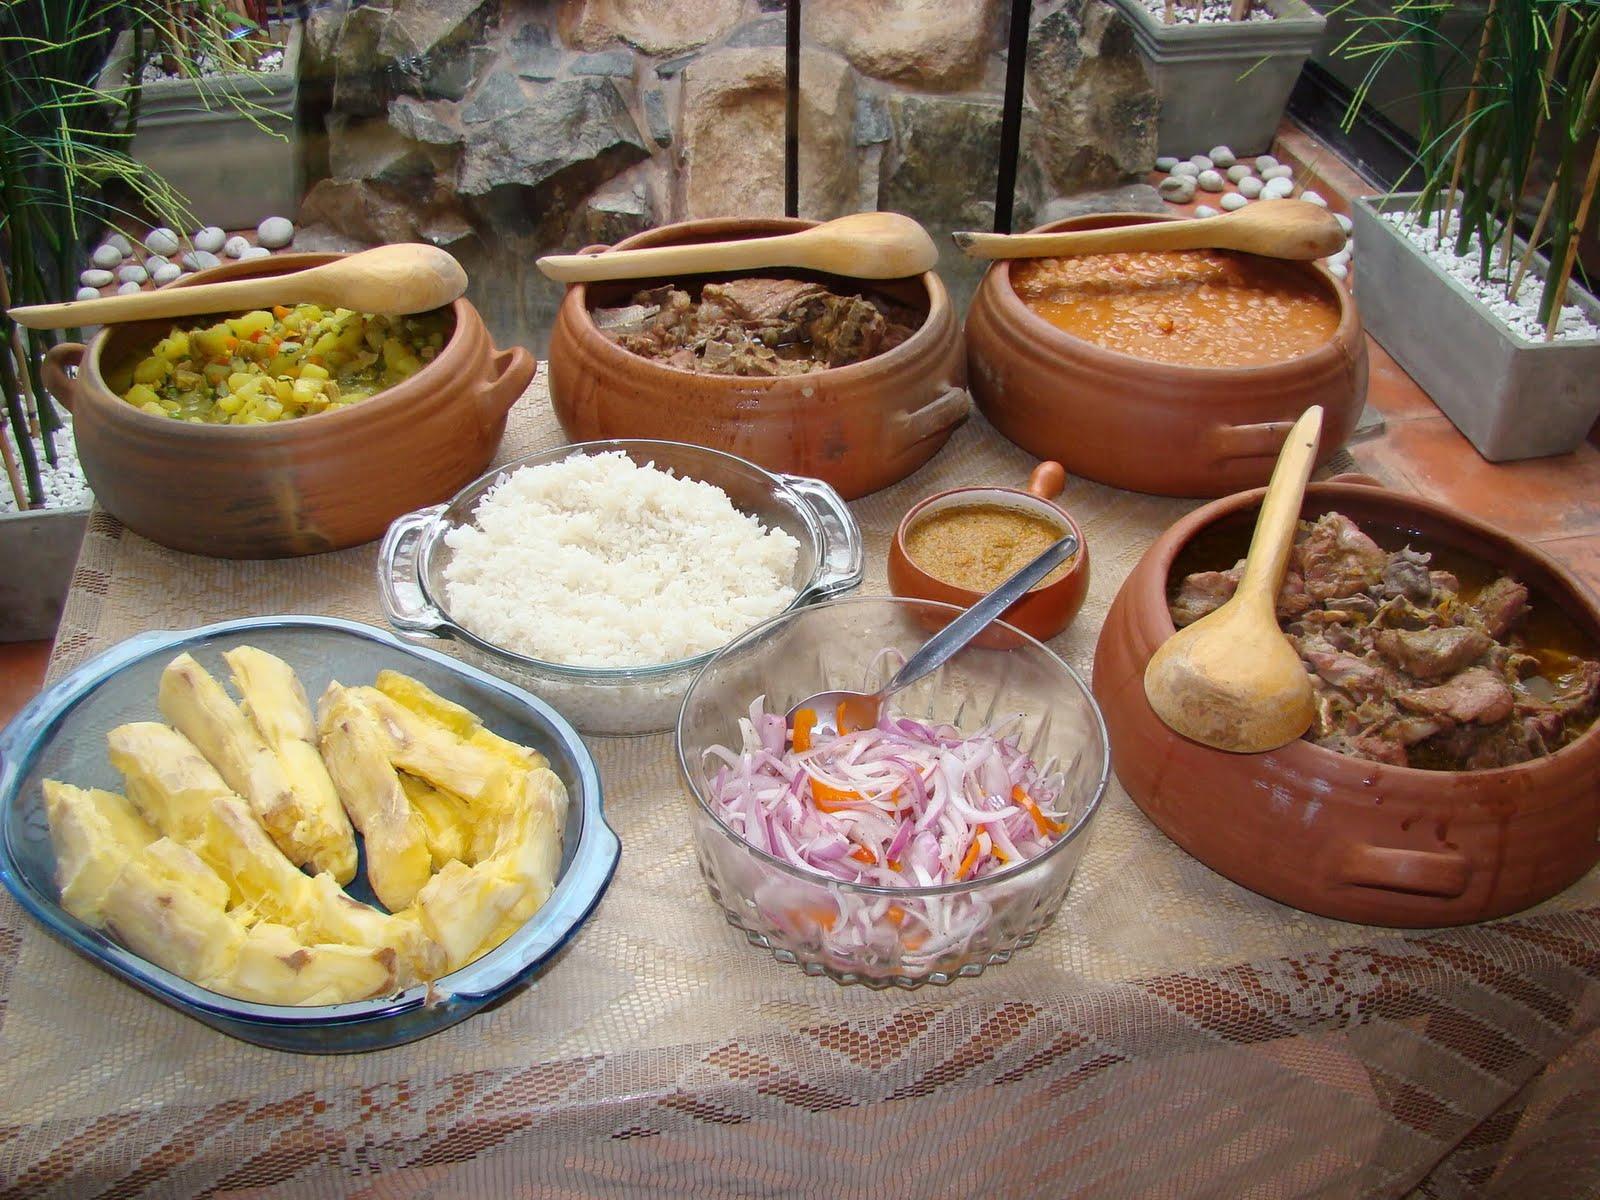 La gastronom a peruana da que hablar entre empresarios for Cocina peruana de vanguardia